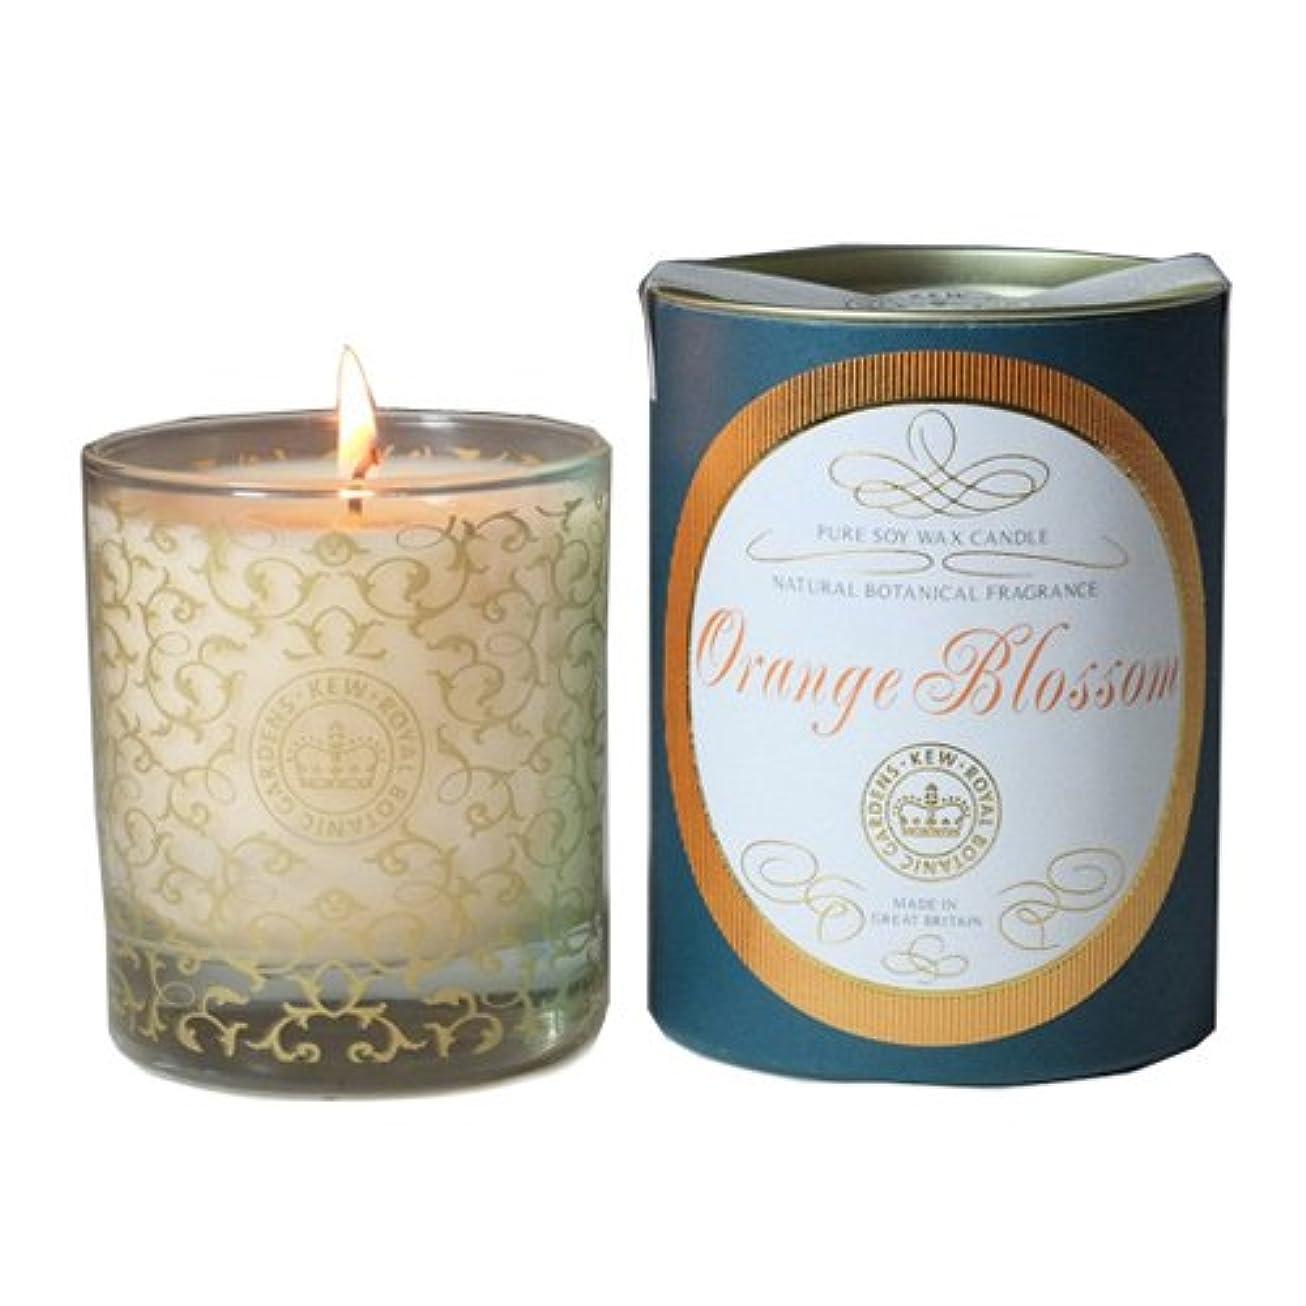 落ち着く出席する誠実さCANOVA キューヴィンテージ グラスキャンドル オレンジブロッサム Kew Vintage GlassCandle OrangeBlossom カノーバ